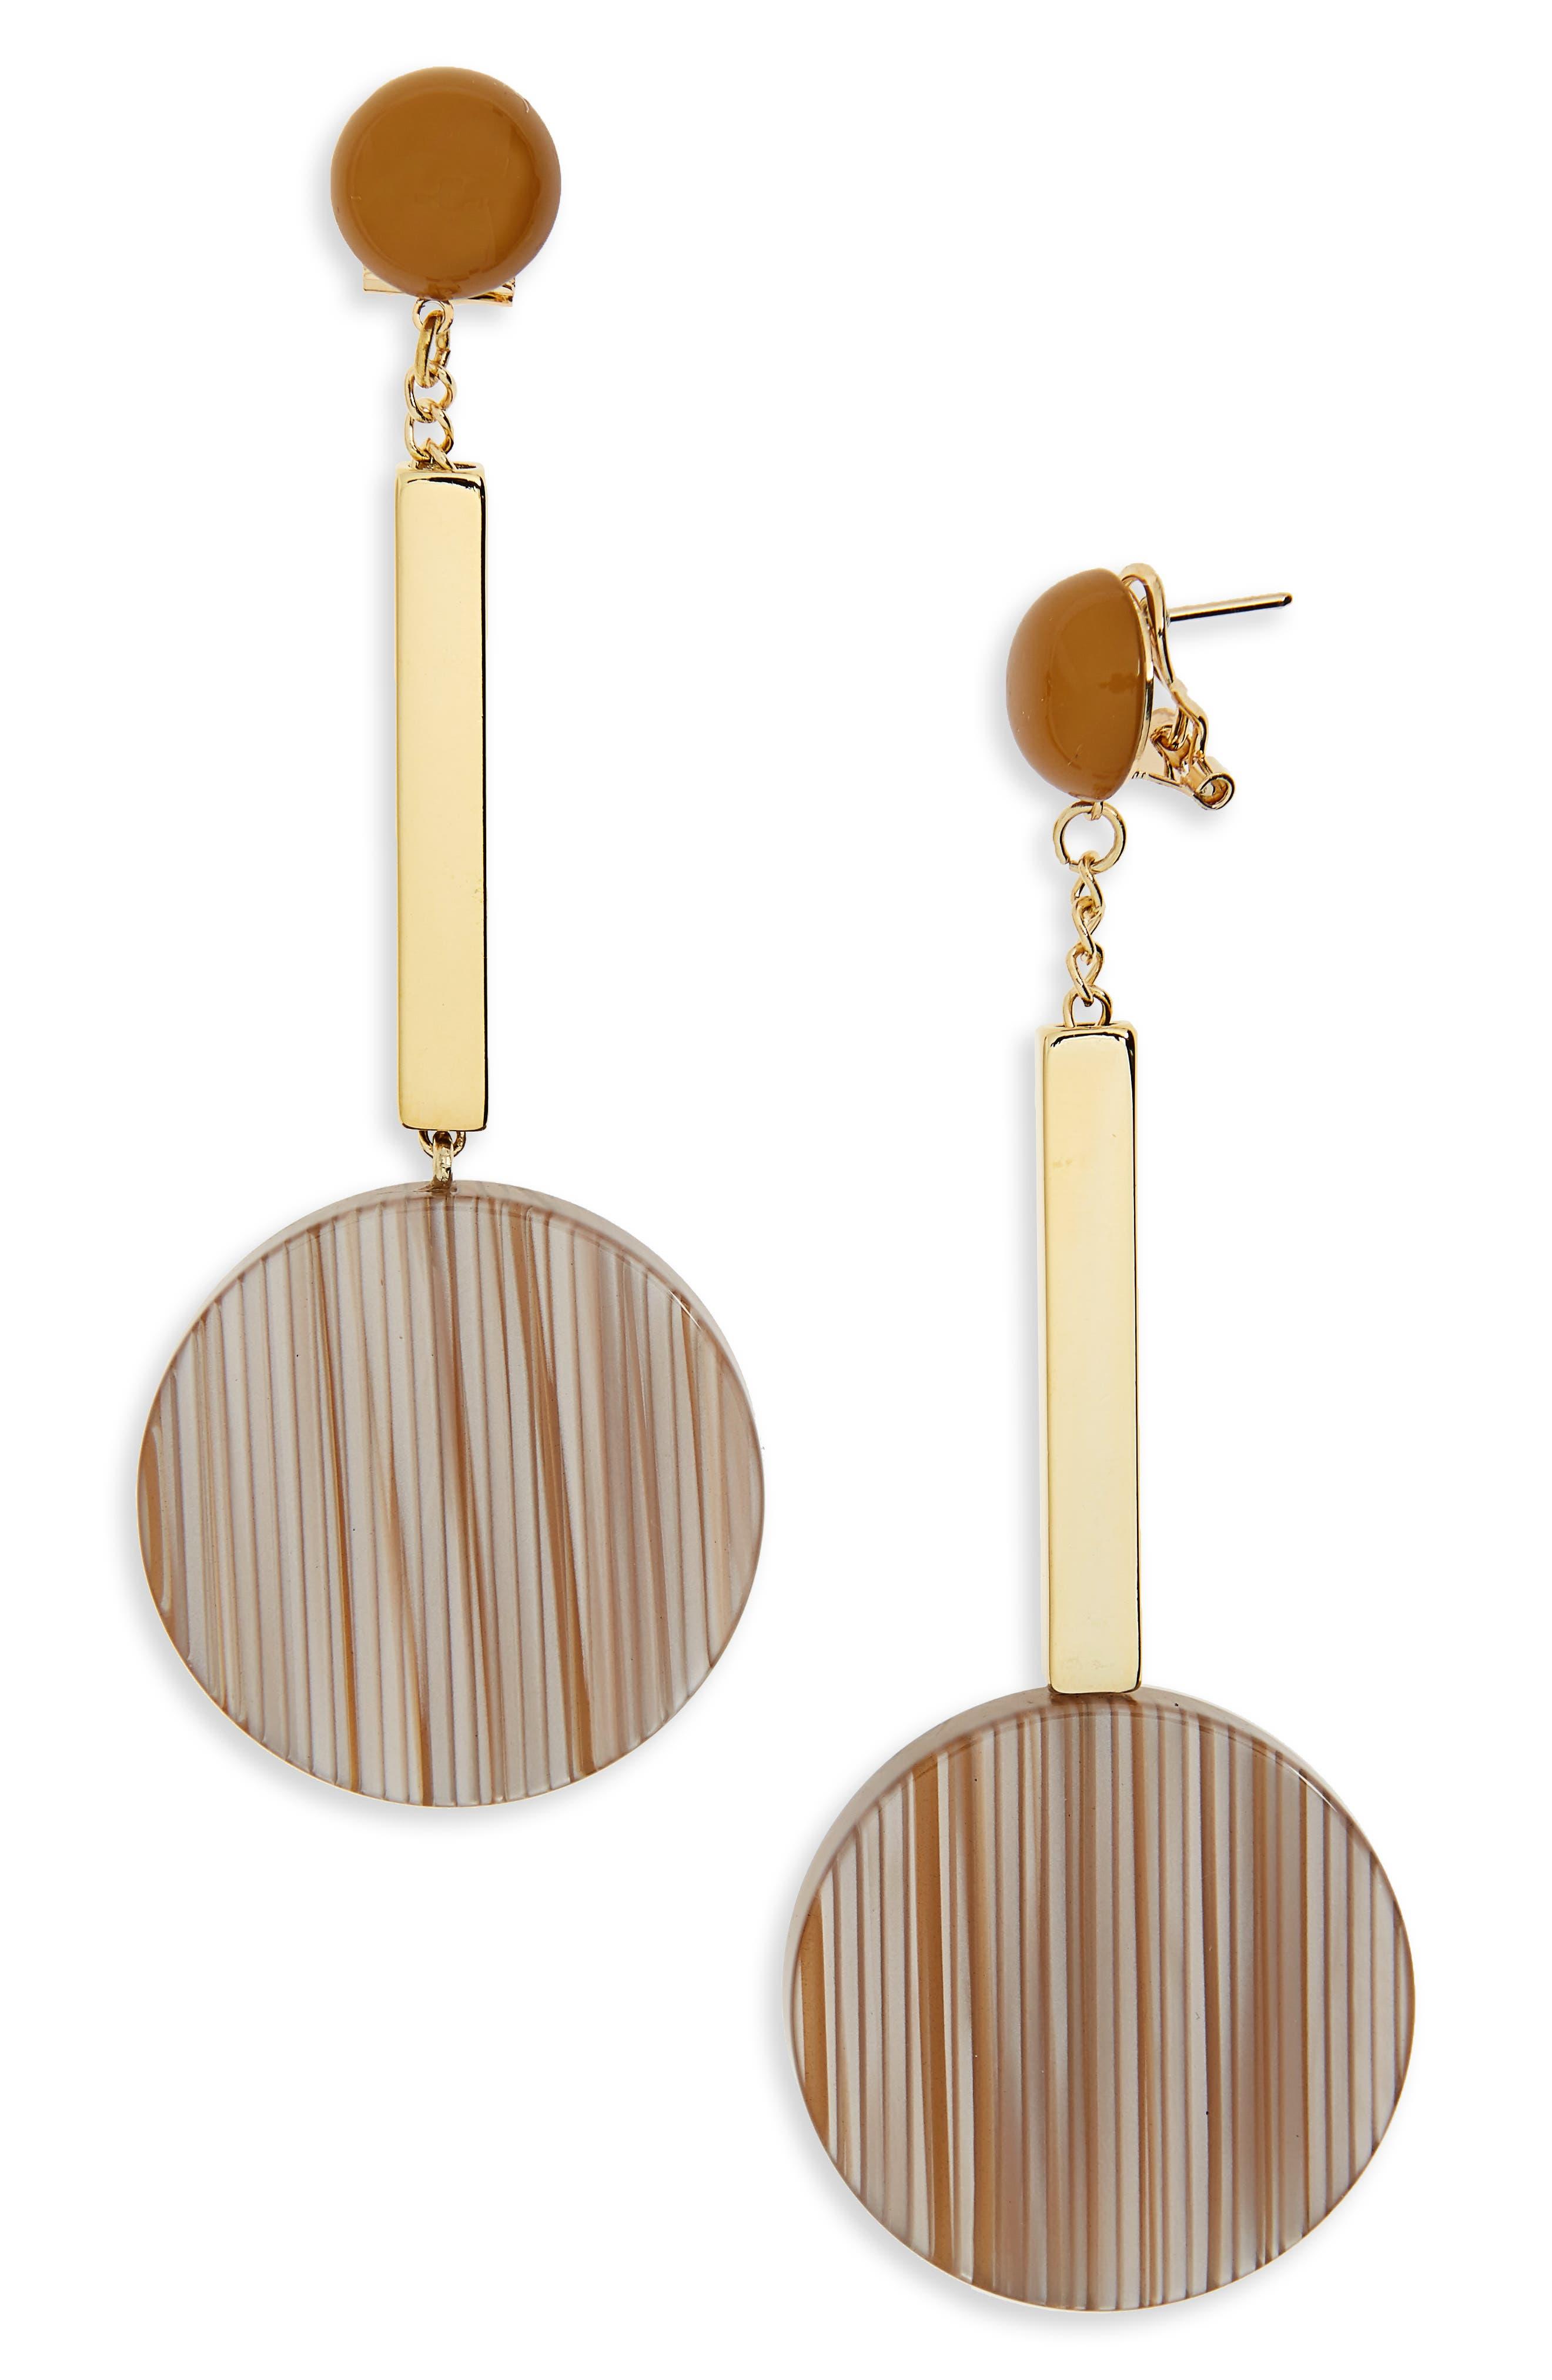 Jo Drop Earrings,                             Main thumbnail 1, color,                             710